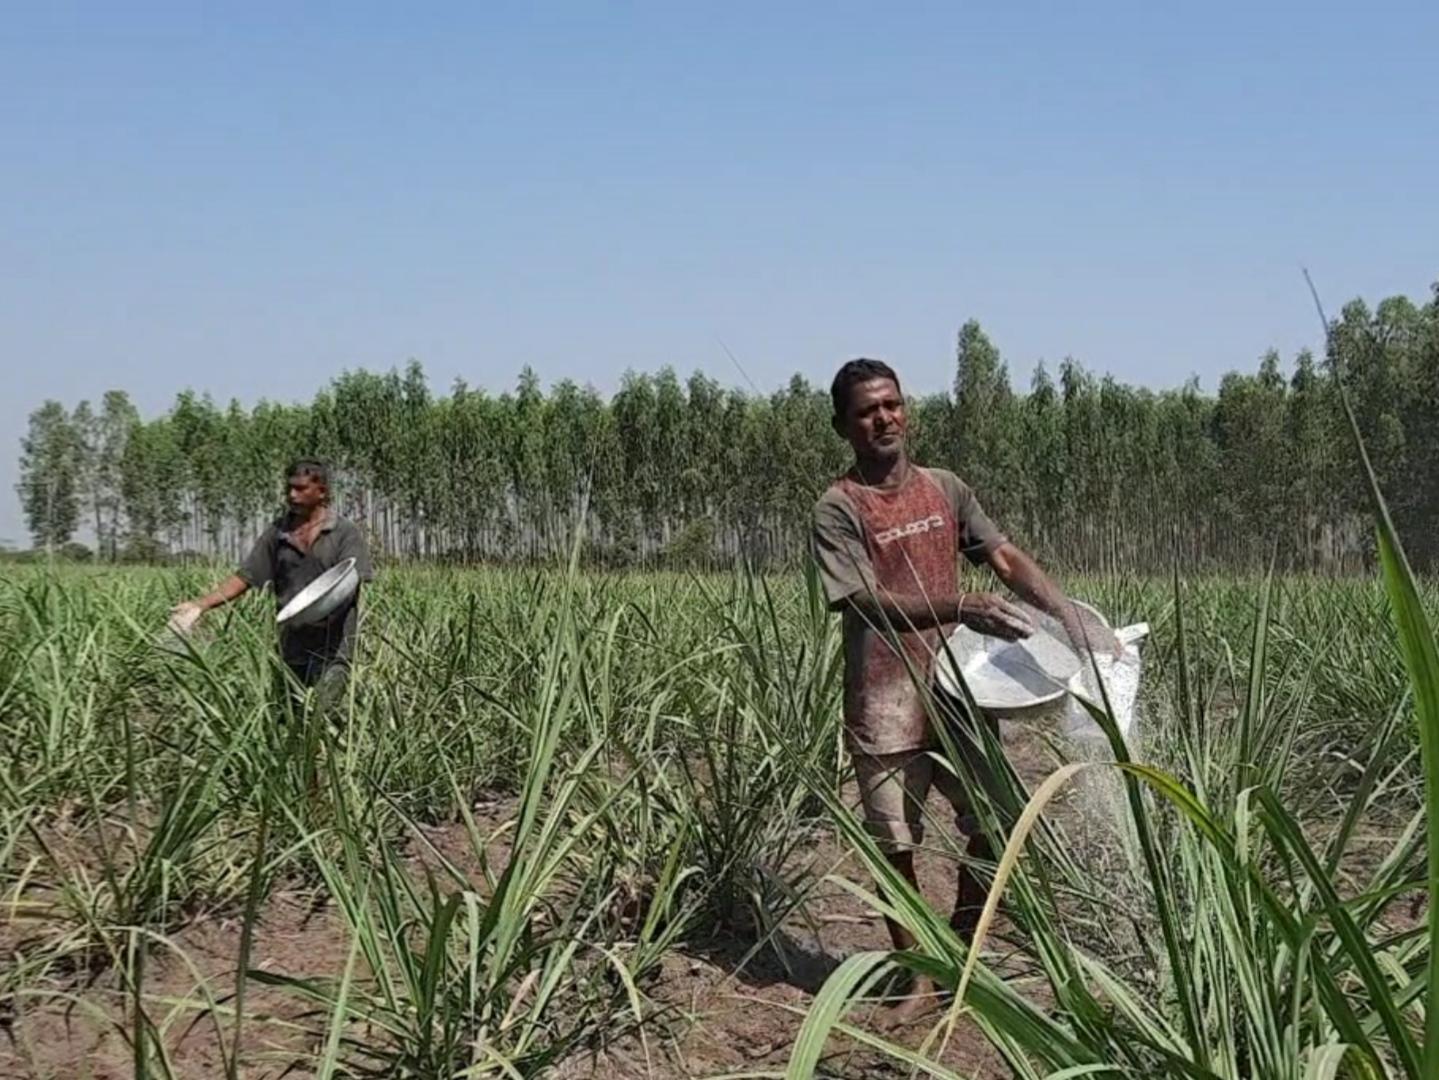 પેટ્રોલ ડીઝલના ભાવ વધારા બાદ ખેડૂતોને વધુ એક ઝટકો, માર્ચમાં વધશે ASP, DAP અને NPK ખાતરના ભાવ નવસારી,Navsari - Divya Bhaskar